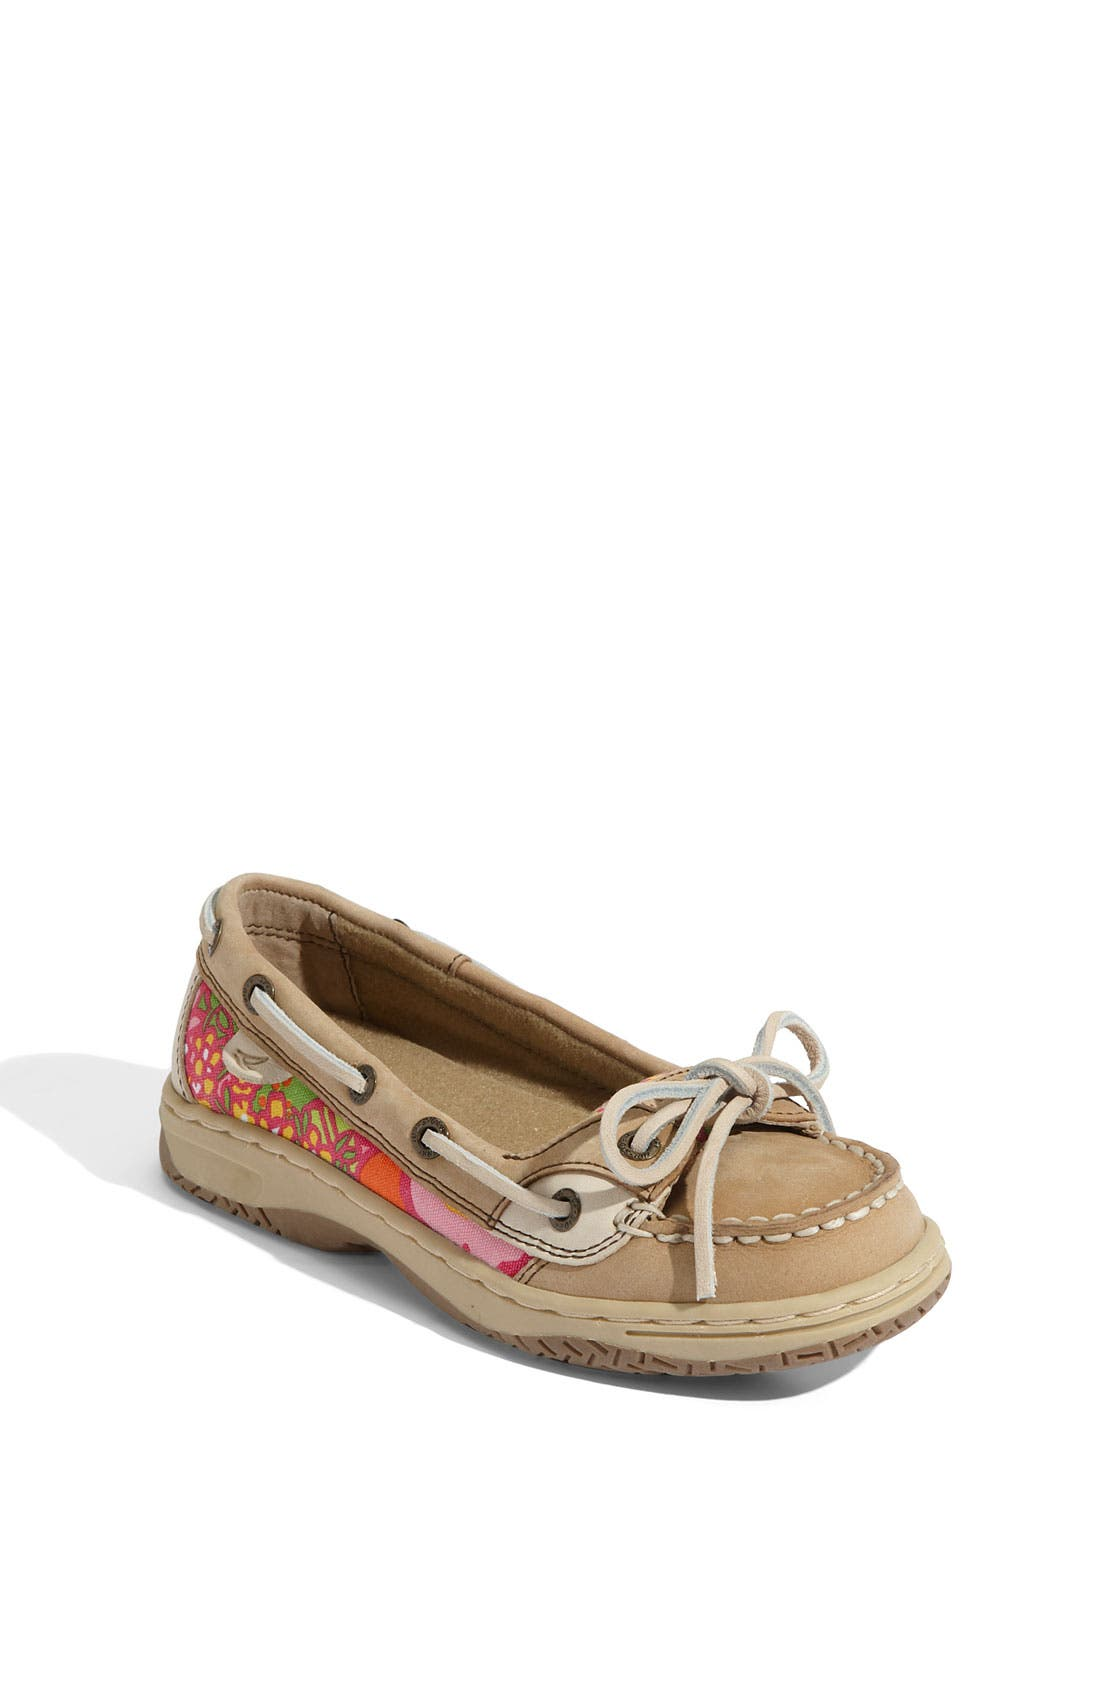 Alternate Image 1 Selected - Sperry Kids 'Angelfish' Boat Shoe (Little Kid & Big Kid)